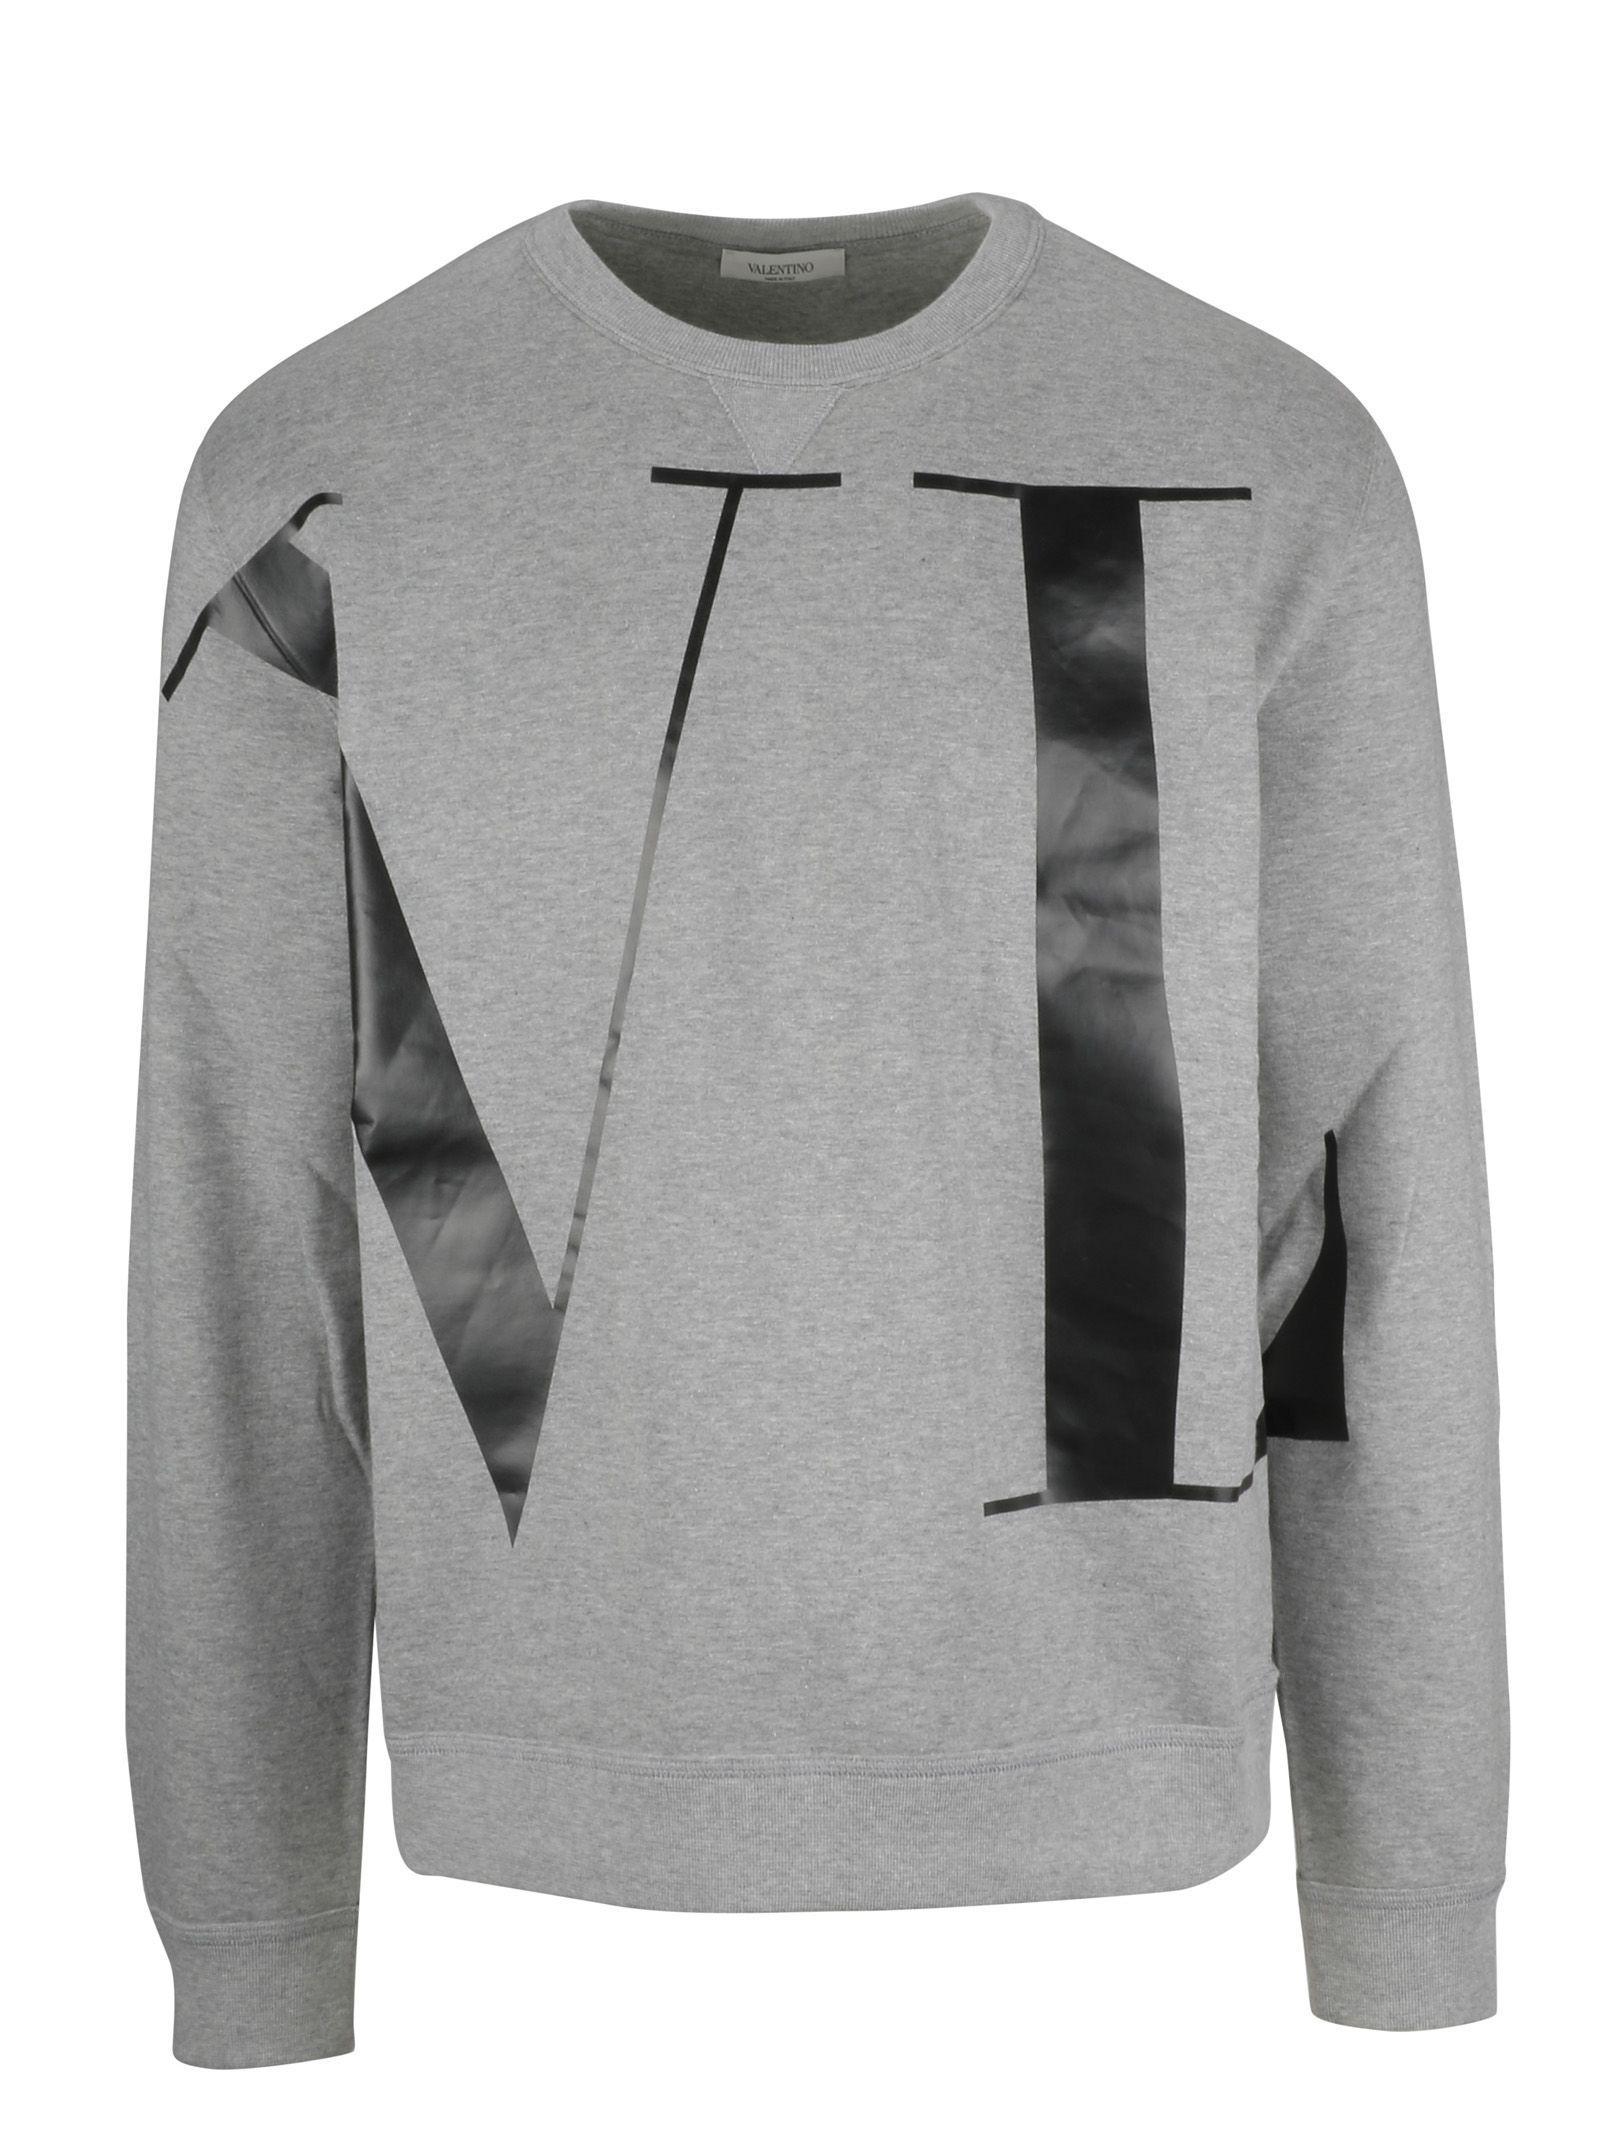 Valentino Vltn Grey Cotton Sweatshirt In 080